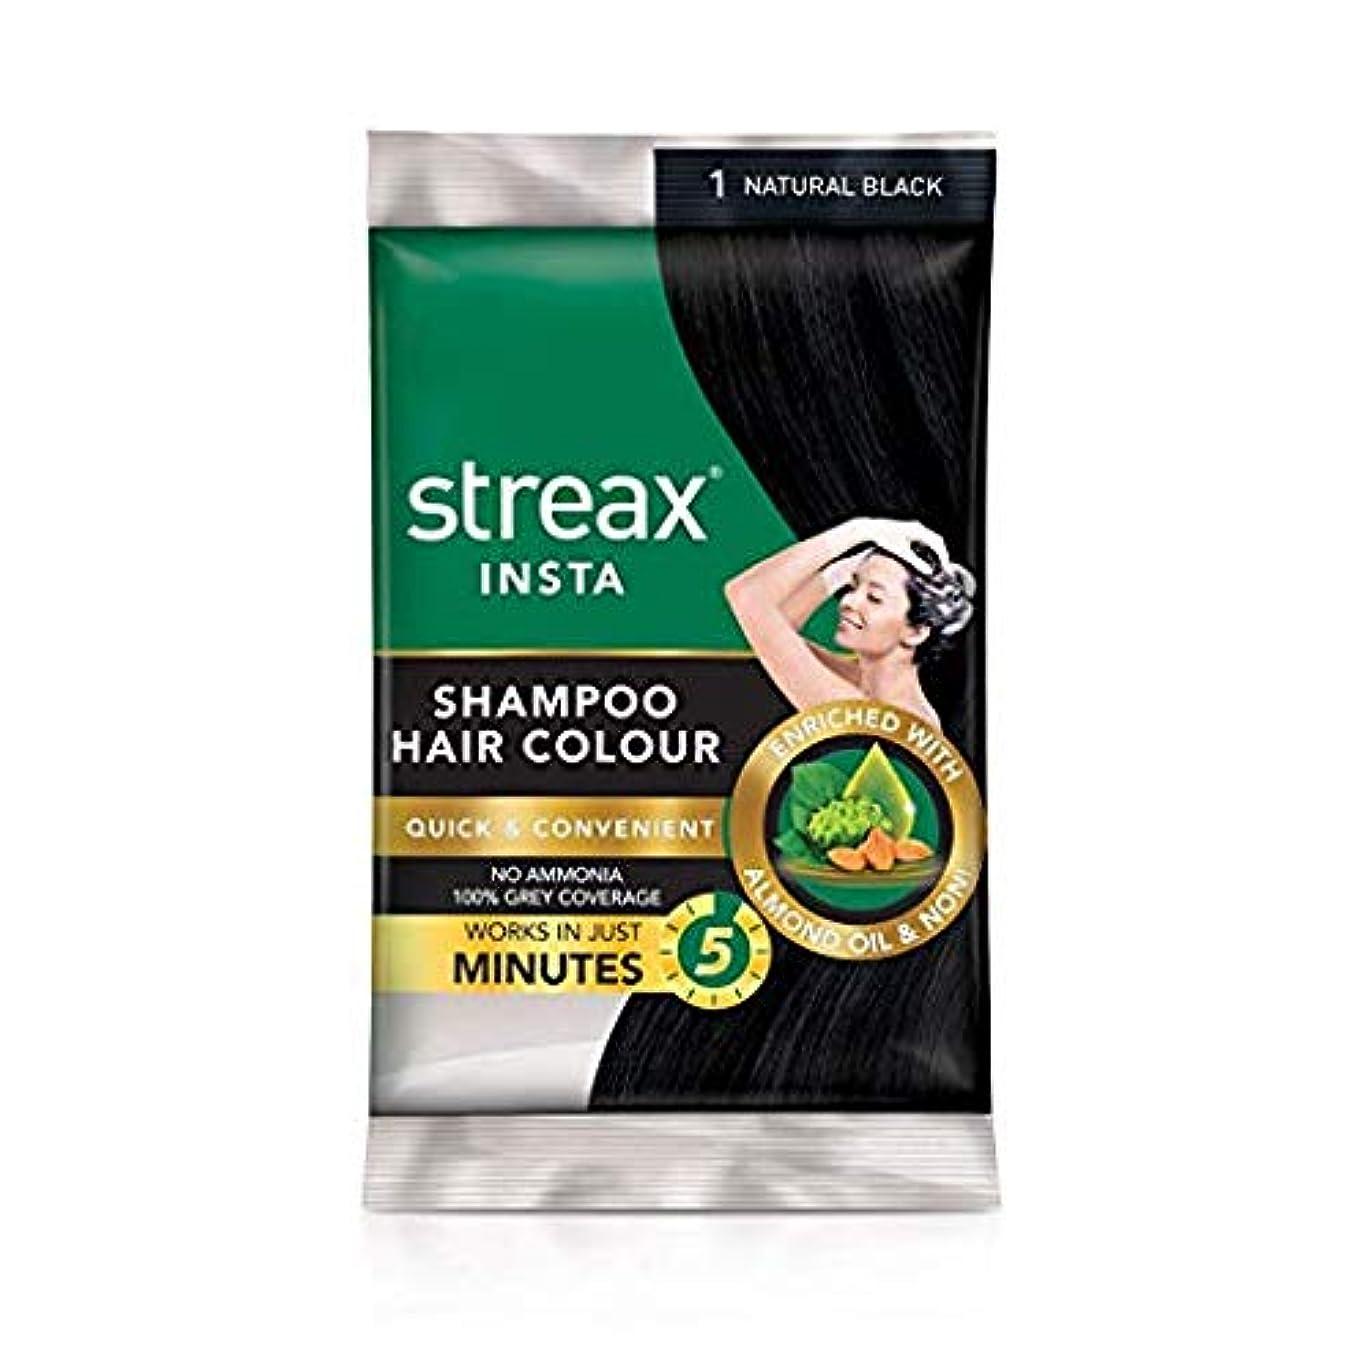 メロドラマ傾向マトリックスOmg-deal -Natural Black Pack of 3 Streax Shampoo Hair Colour